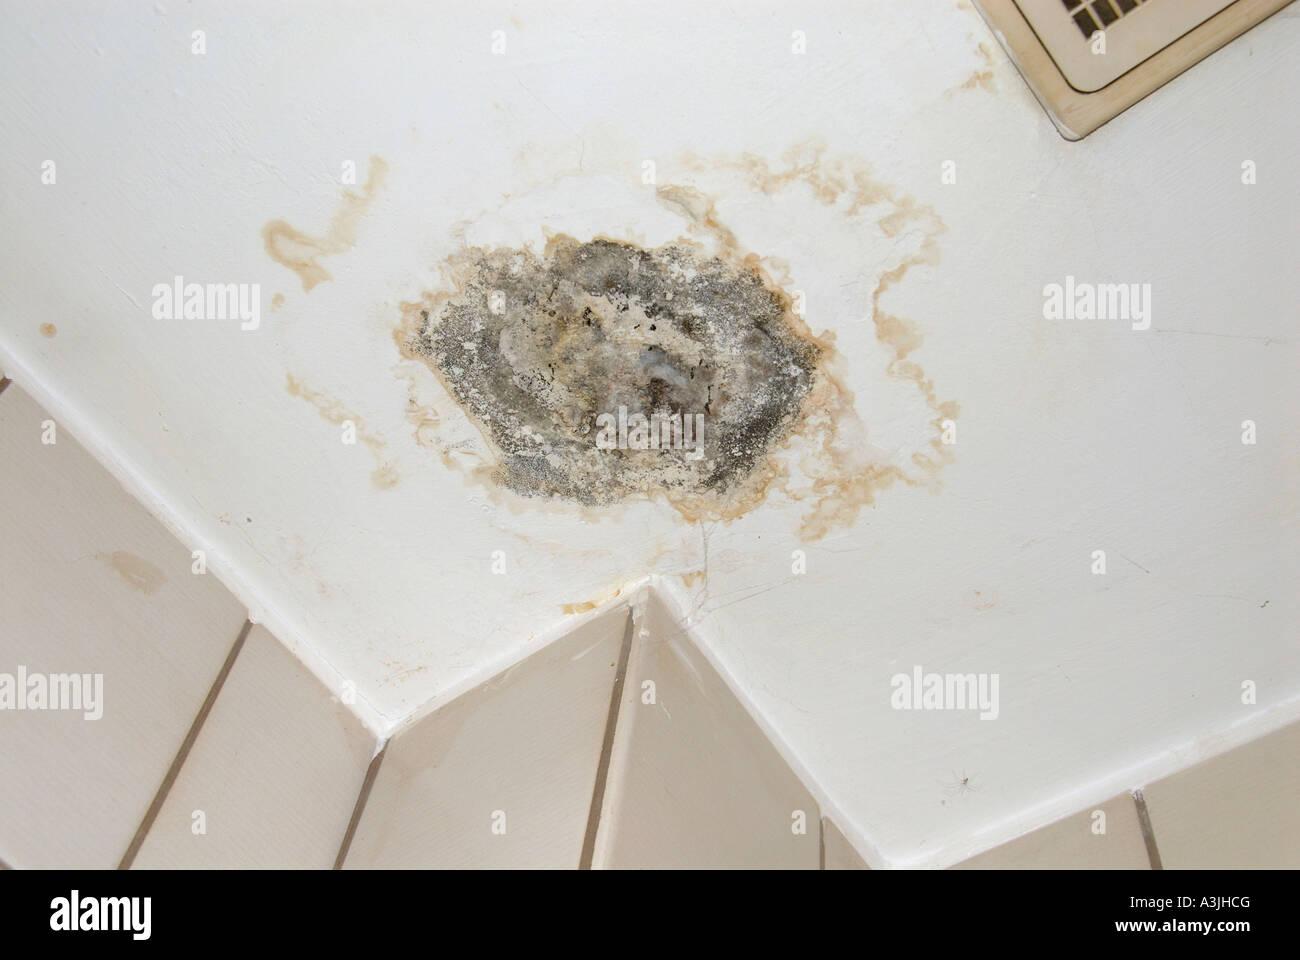 La Moisissure Sur Le Plafond Dans Une Salle De Bains Photo Stock Alamy